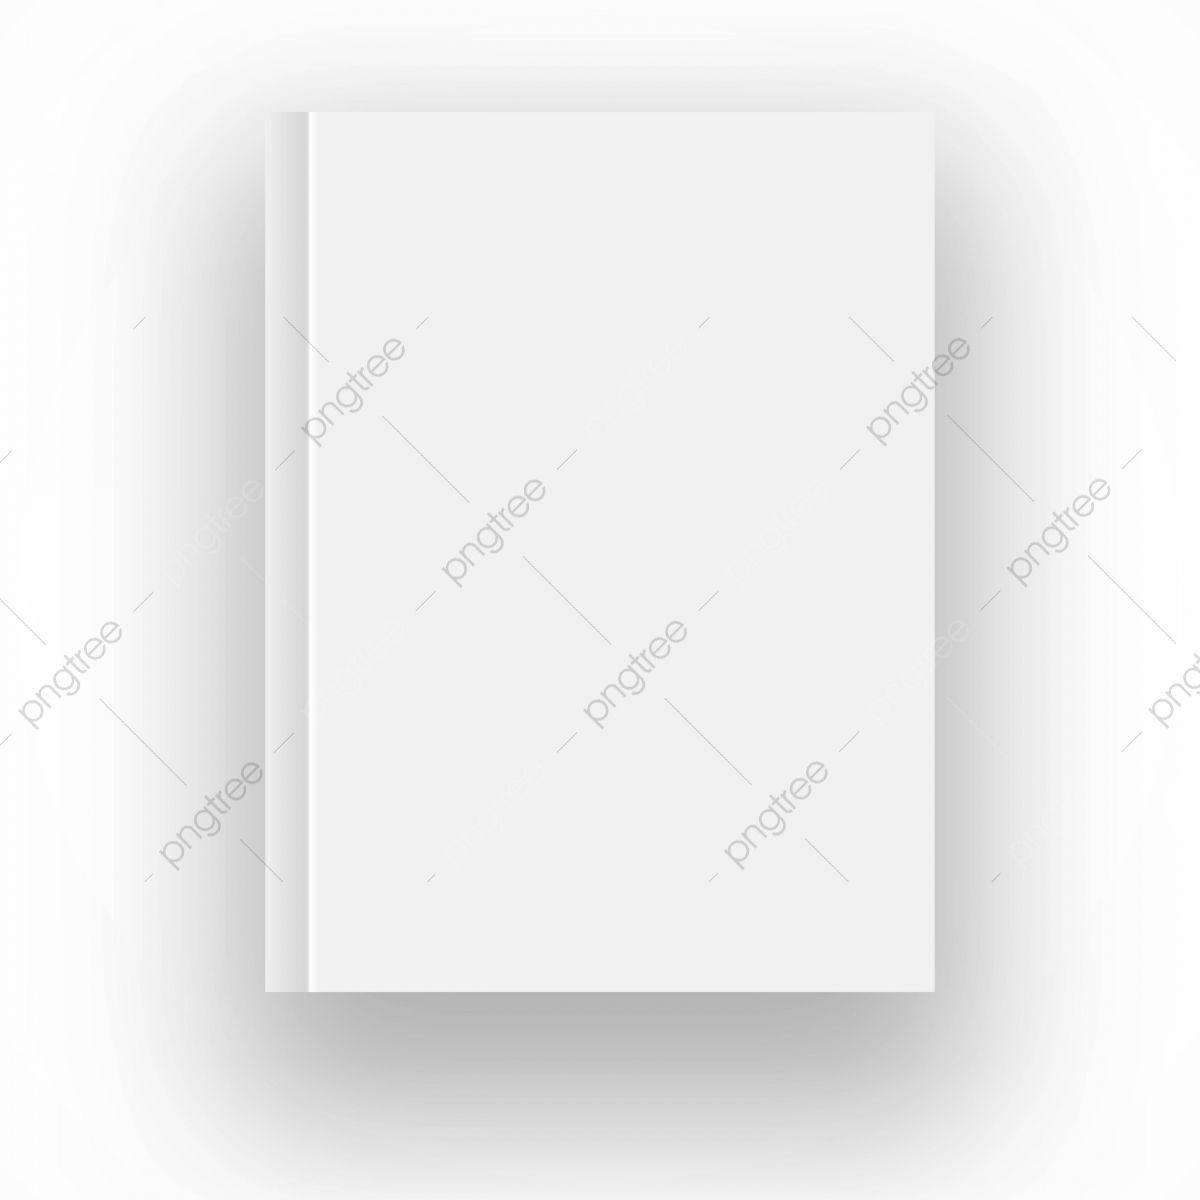 غلاف كتاب فارغة التوضيح النواقل شبكة الانحدار عزل موضوع عن تصميم شعار أيقونات الكتاب أيقونات فارغة توضيح Png والمتجهات للتحميل مجانا Blank Book Cover Book Cover Design Blank Book